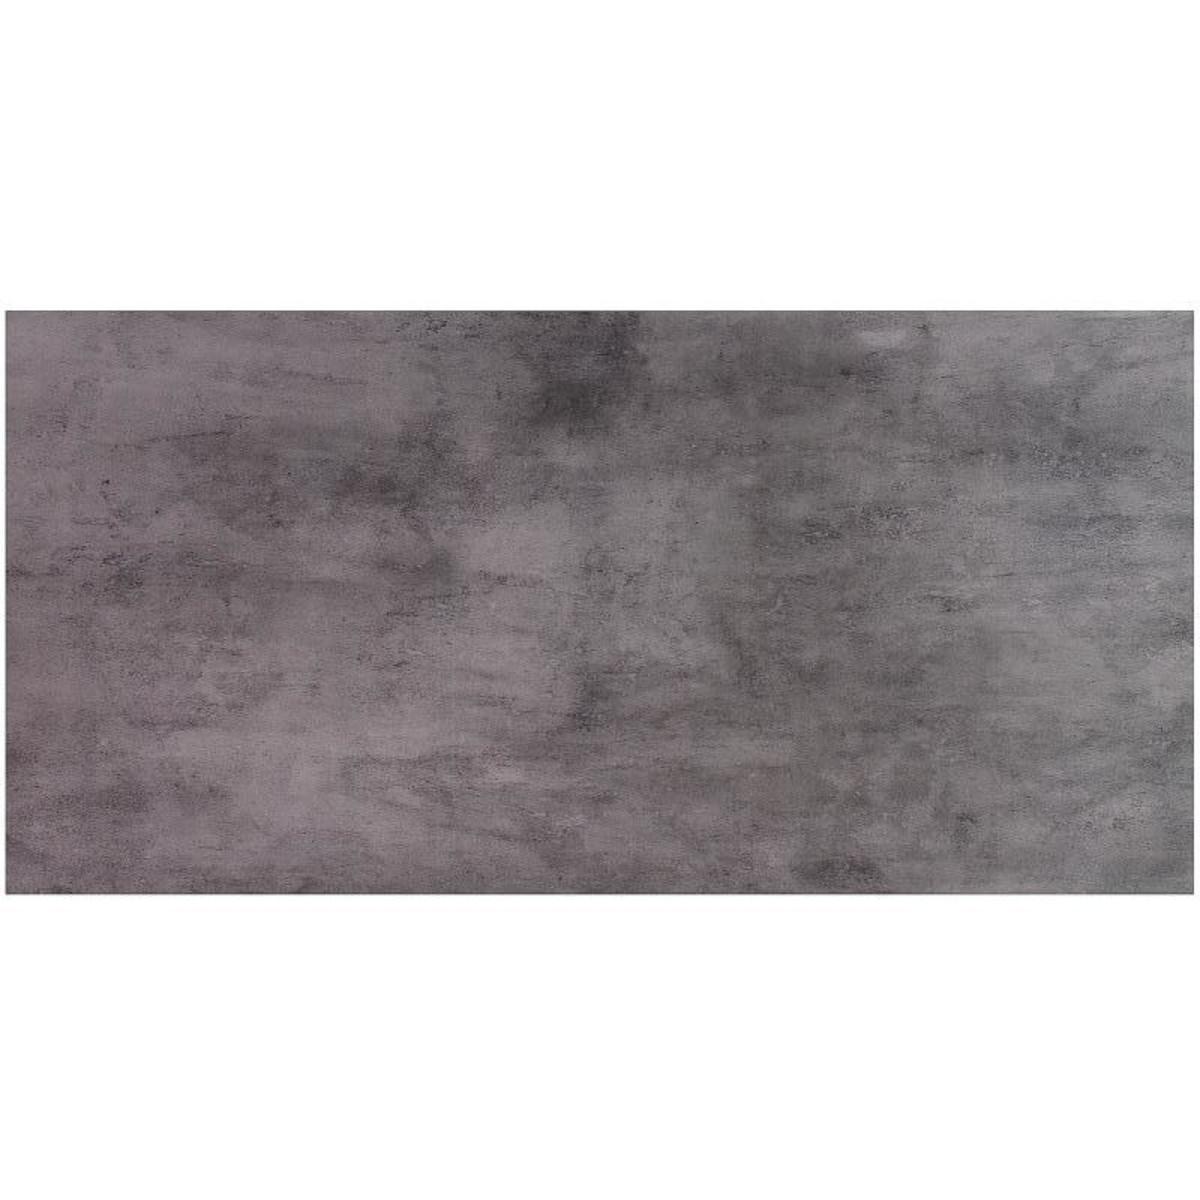 Плитка настенная Golden Tile Kendal 30х60 см 1.44 м2 цвет графитовый толщина 9 мм